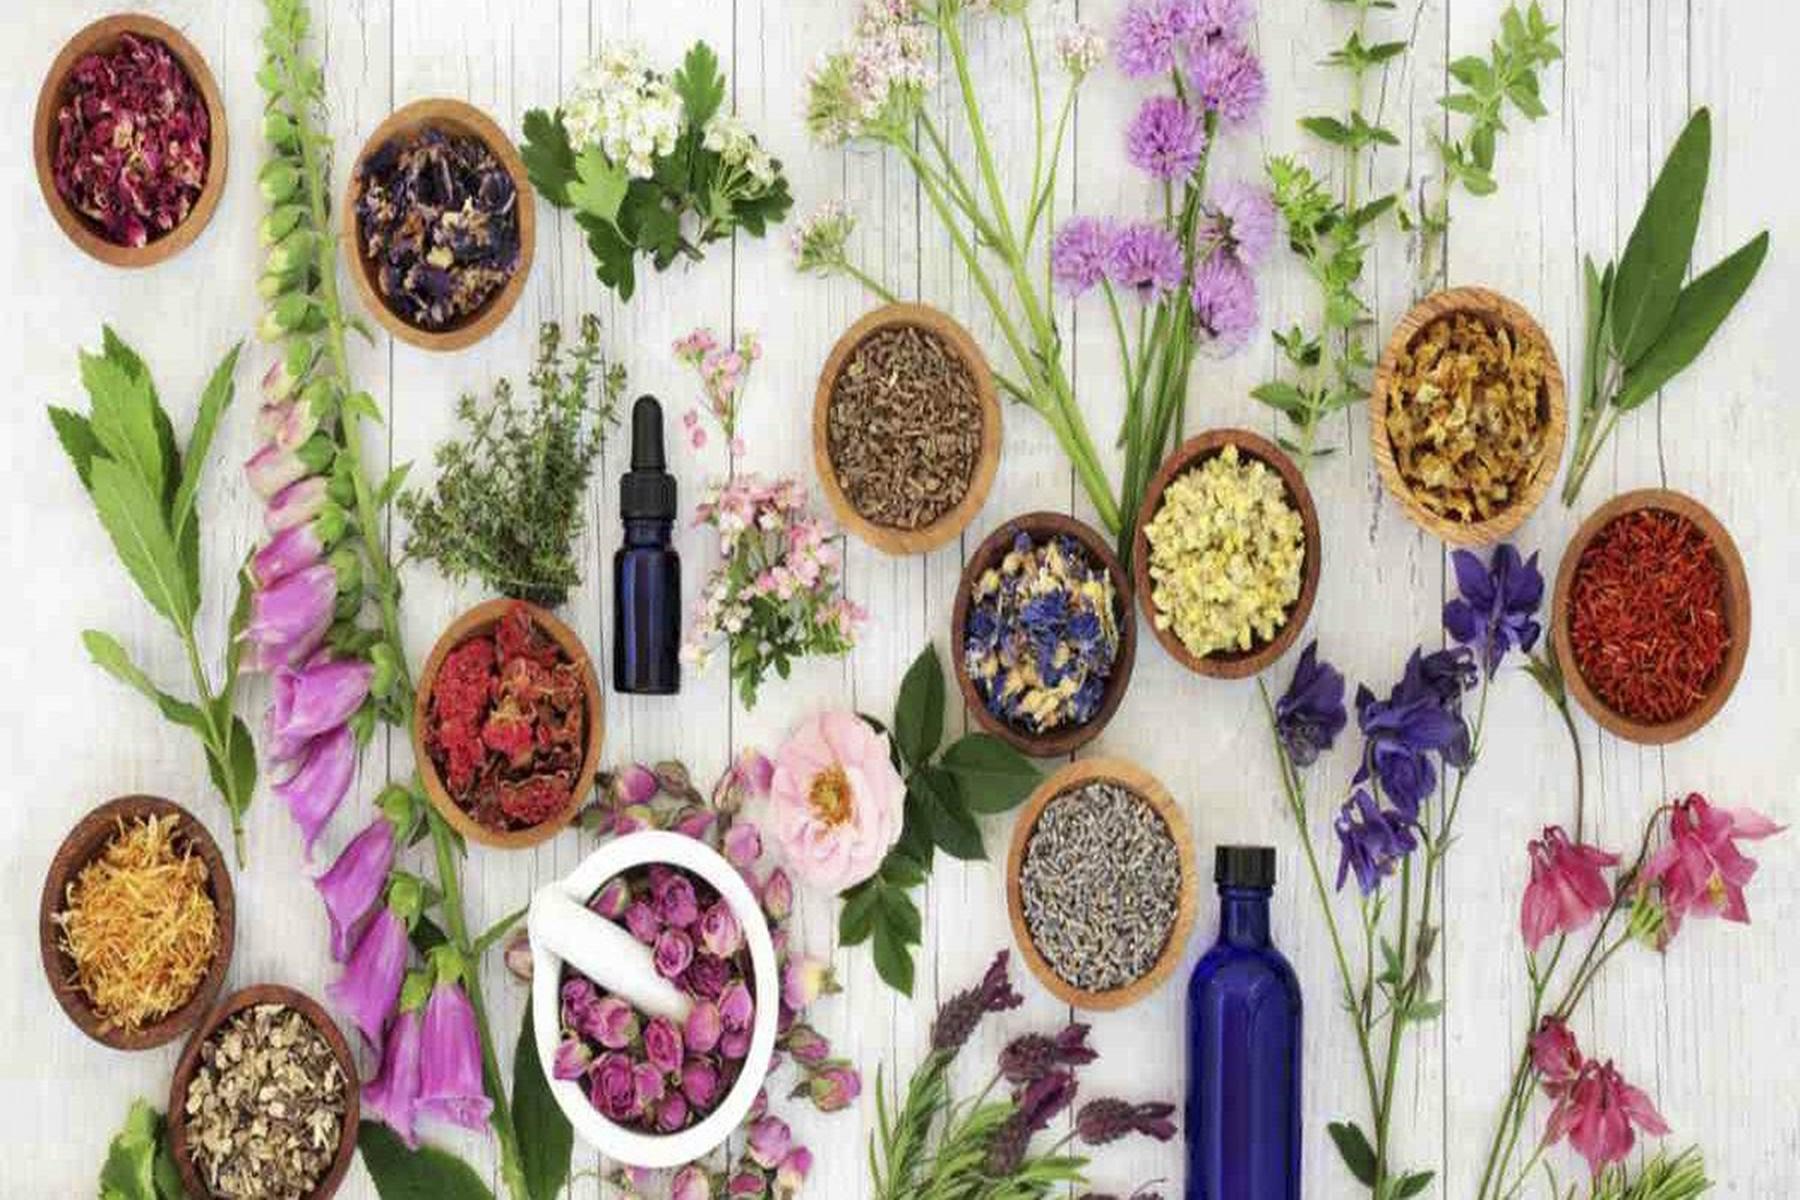 Βότανα μπαχαρικά : Αυτά πρέπει να τρώτε για υγιή οργανισμό